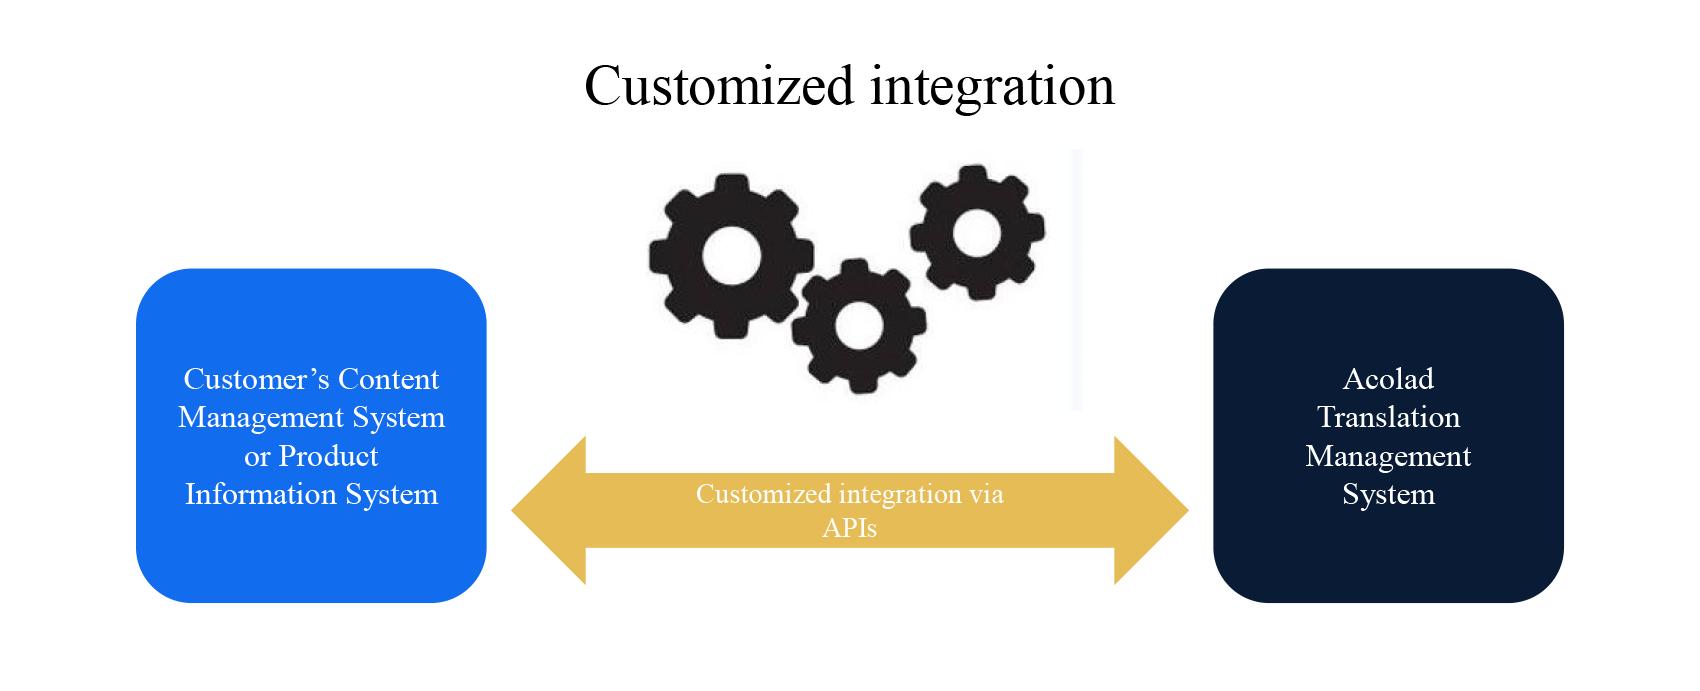 05 integrazione customizzata